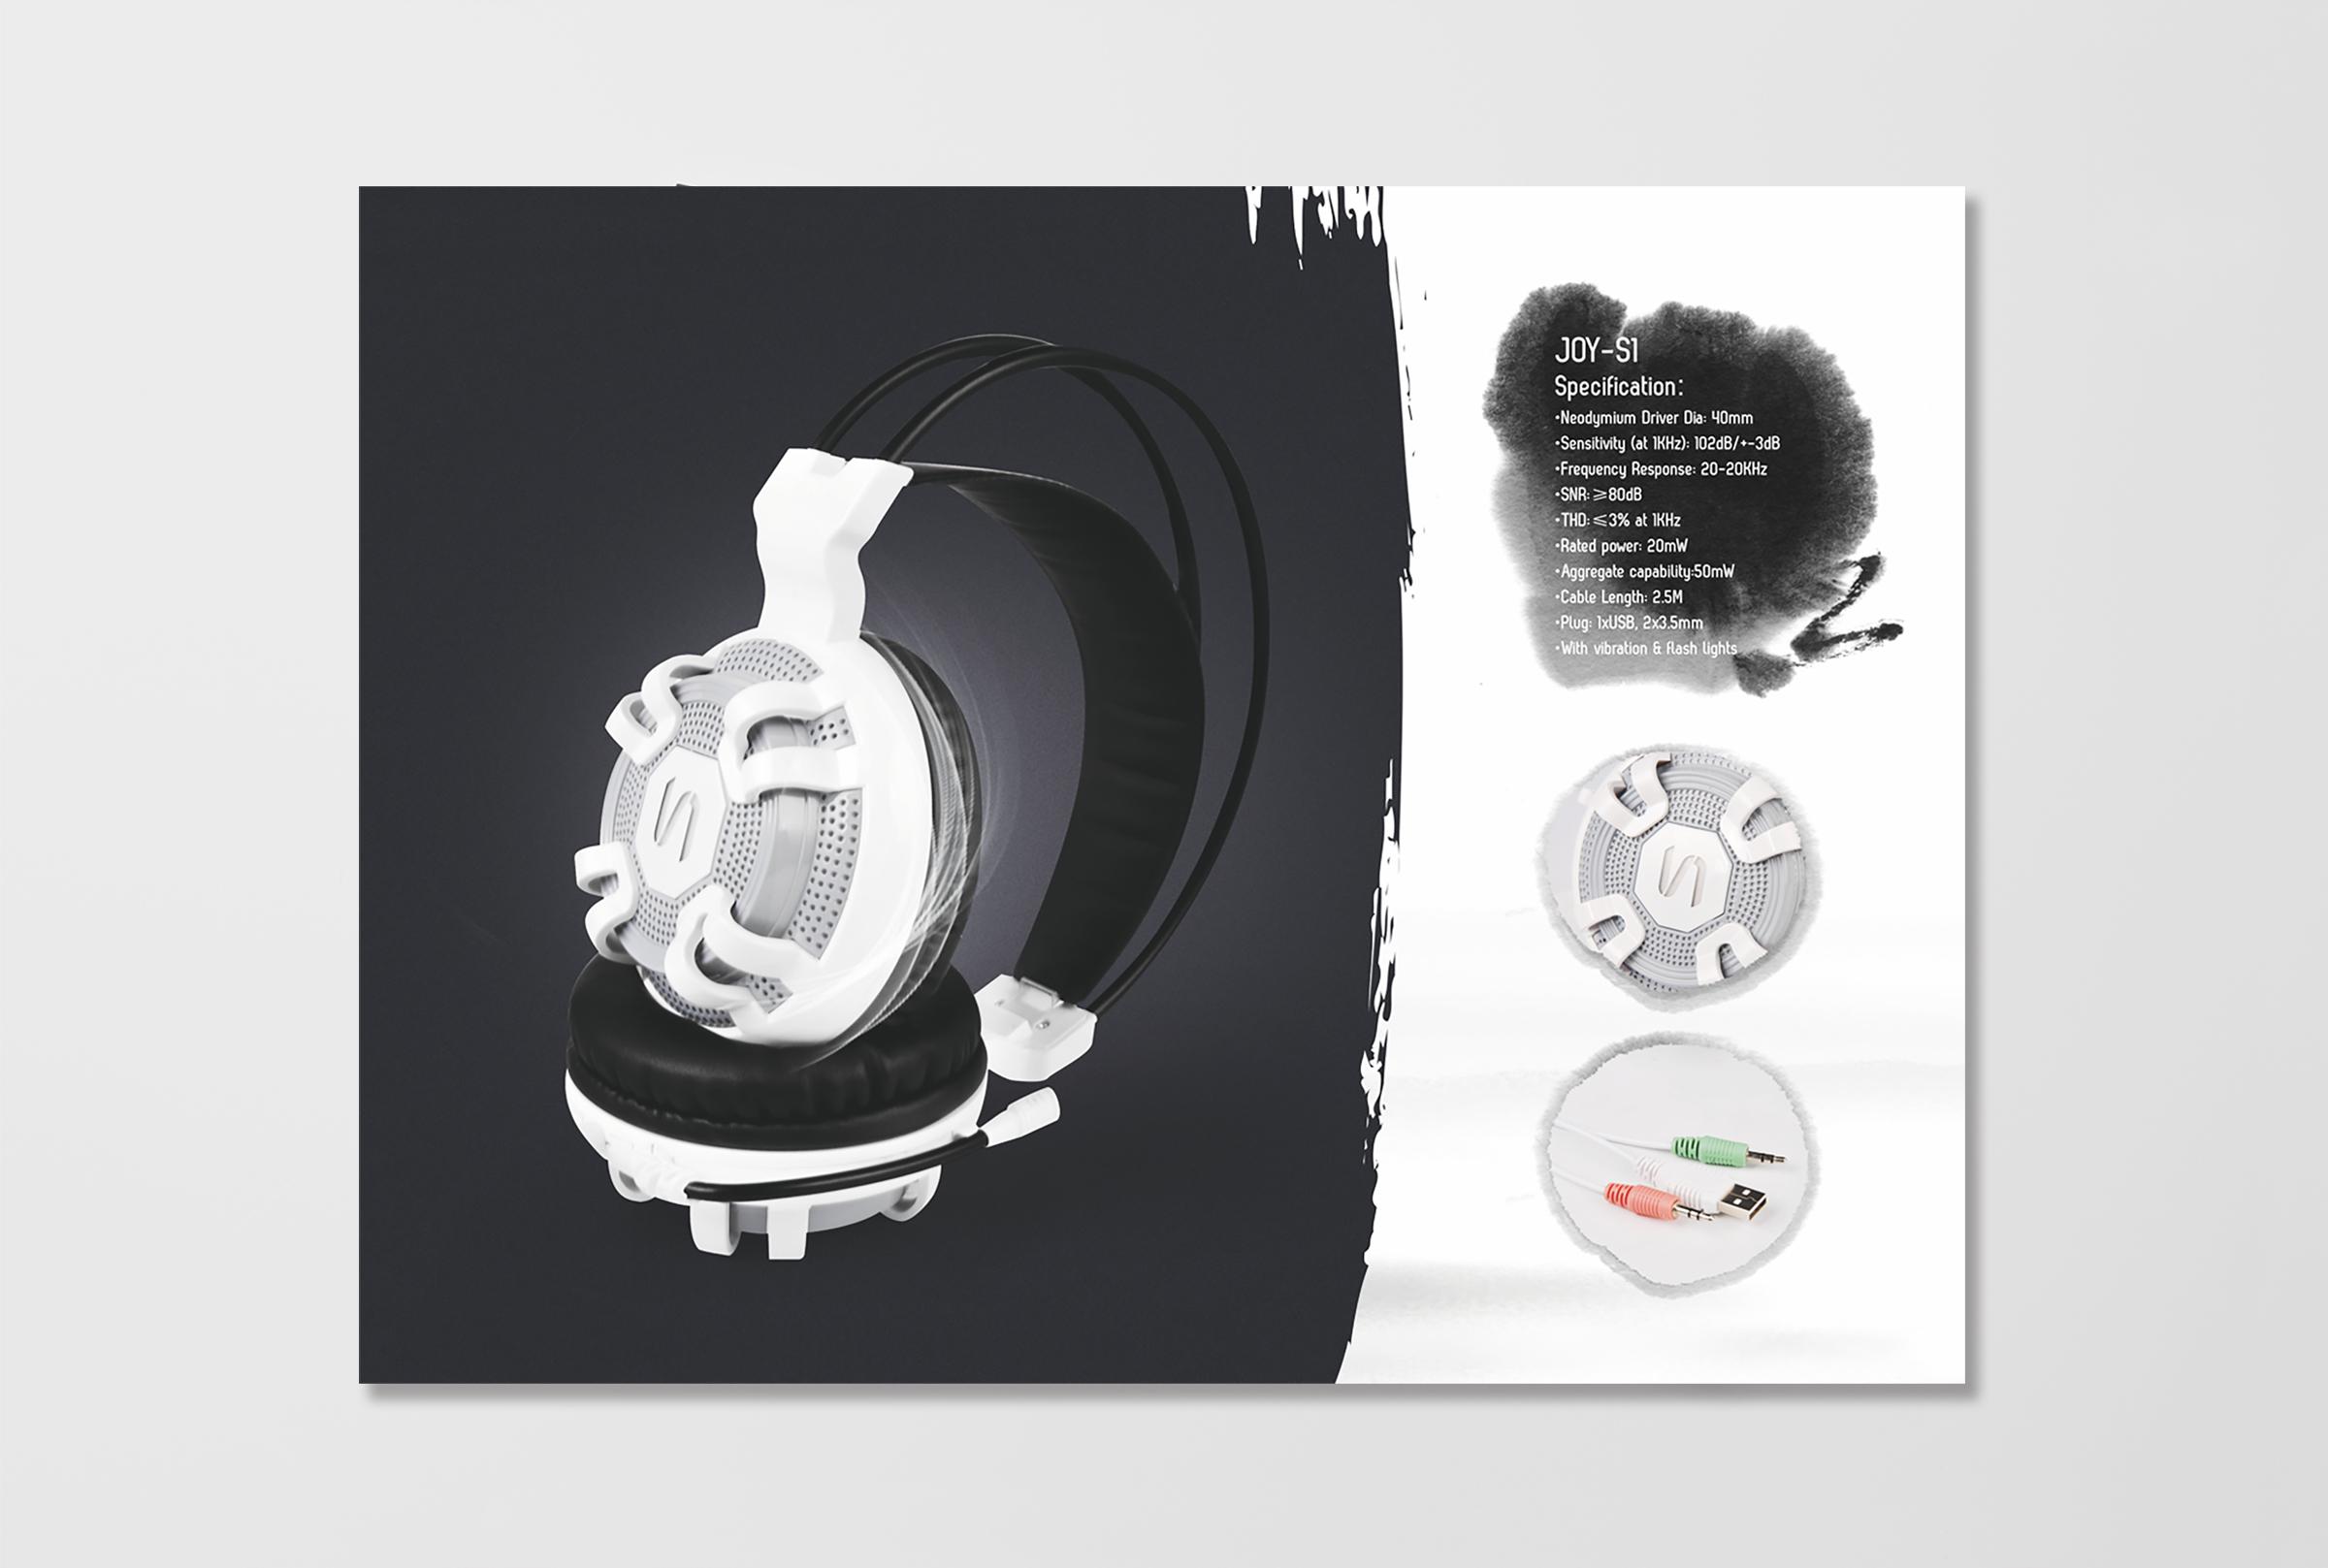 景程画册设计 比高墨象序R品牌设计公司 专业东莞VI设计 LOGO设计 品牌策划 商业空间设计公司 作品案例 产品画册